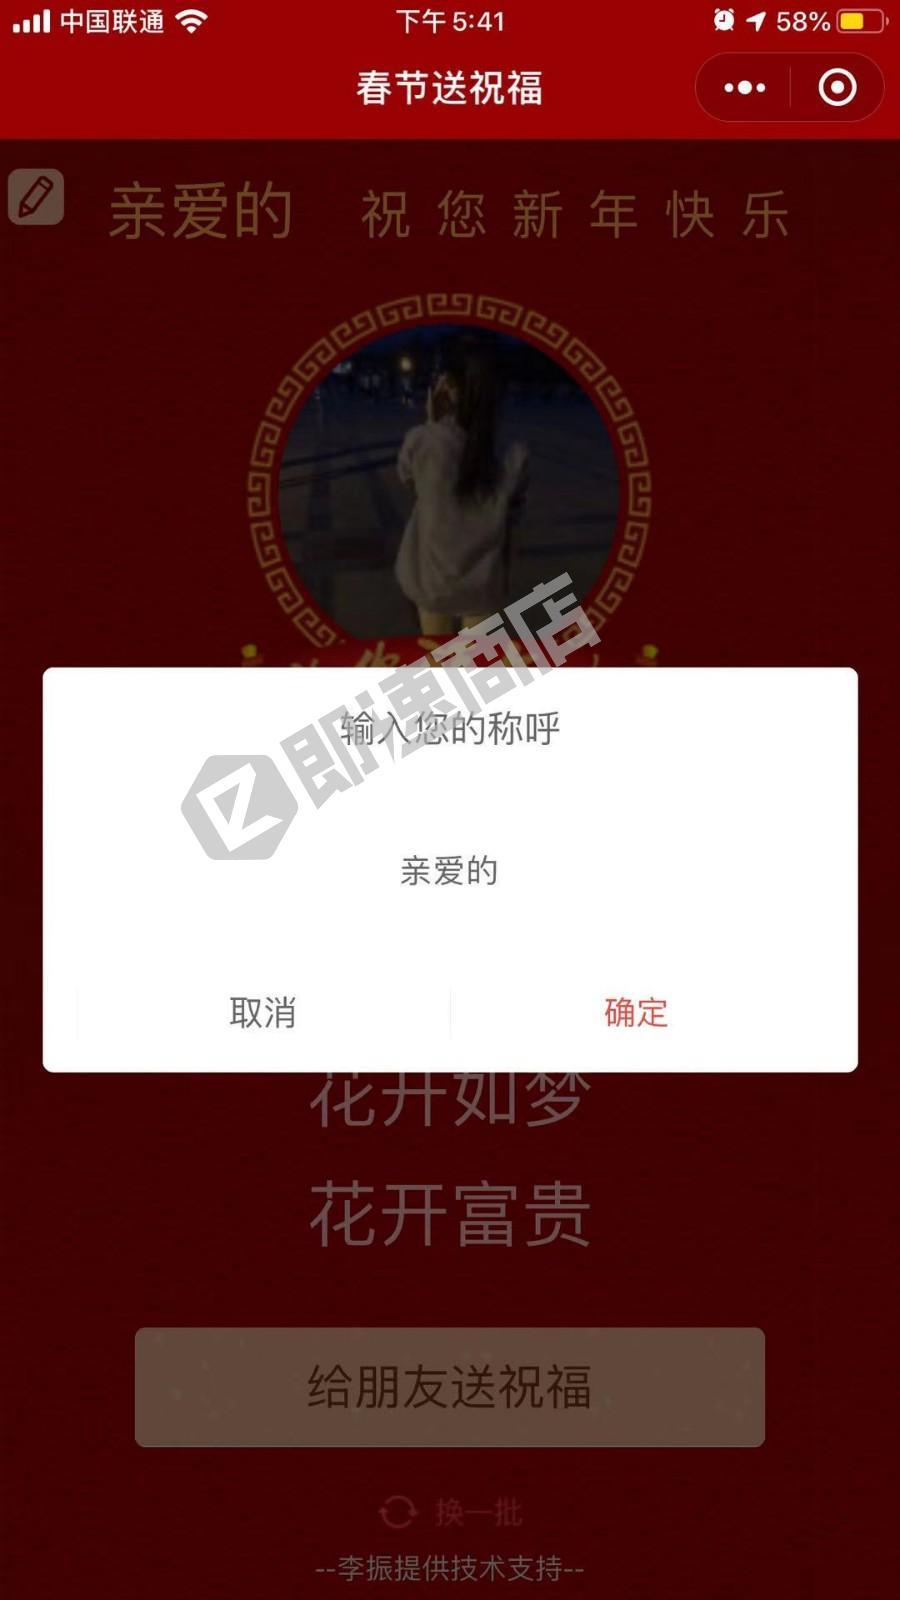 春节送祝福卡小程序详情页截图